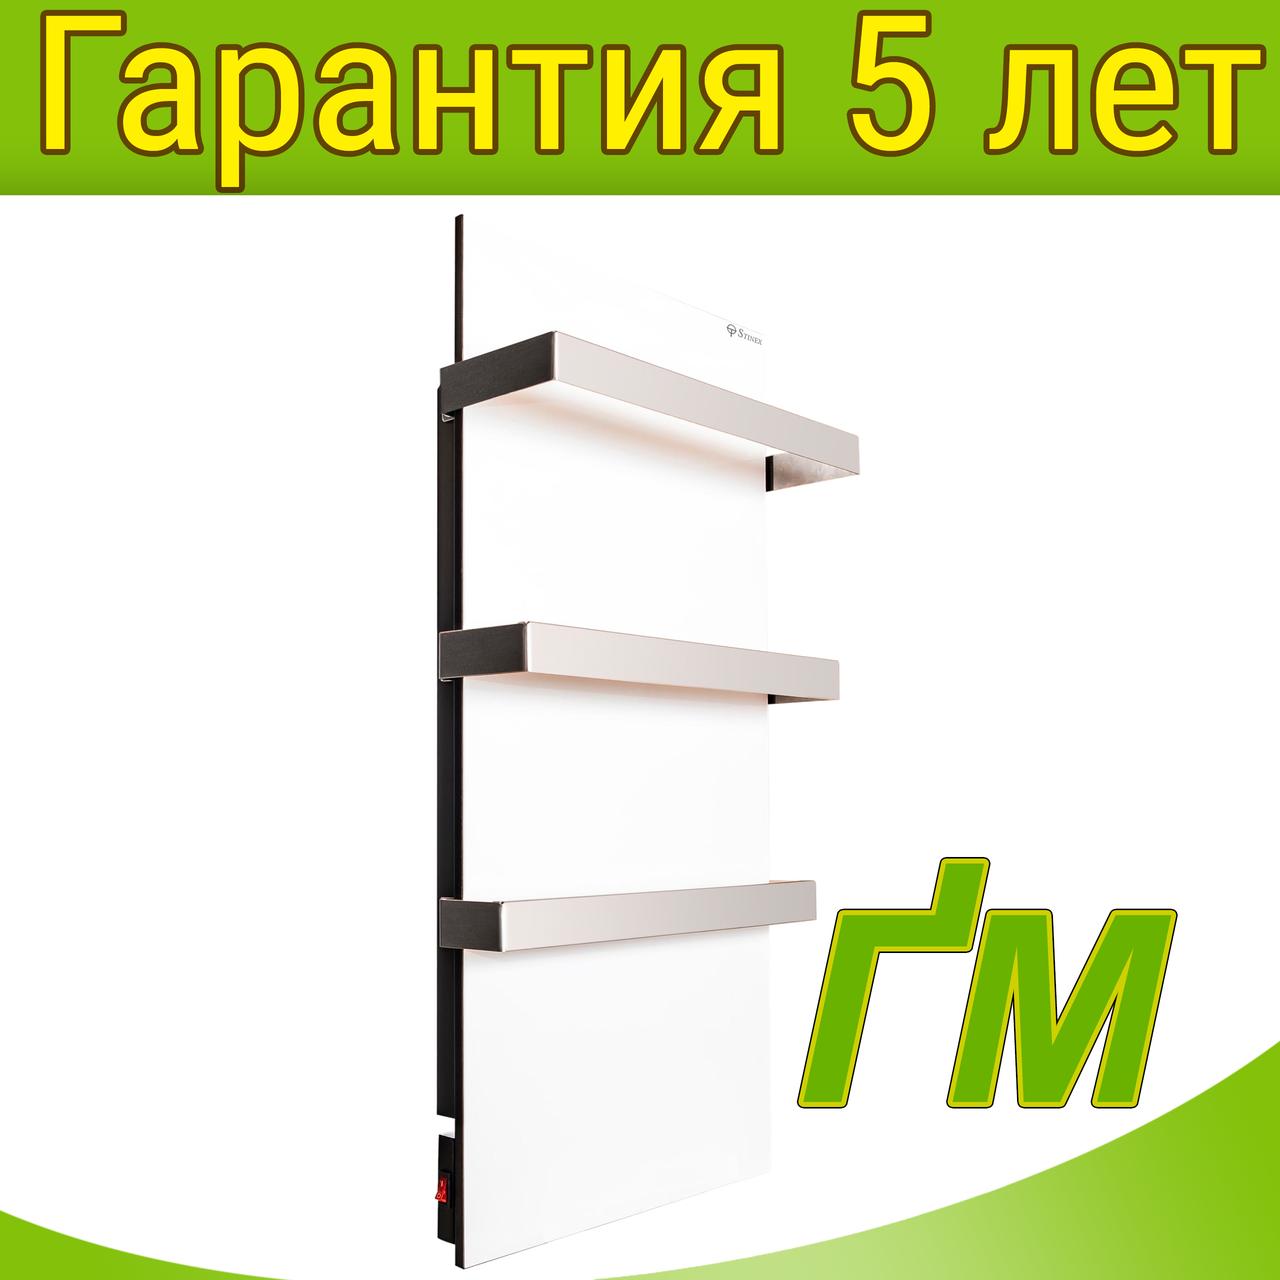 Электронагревательная панель Ceramic 500/220-T(2L) TOWEL